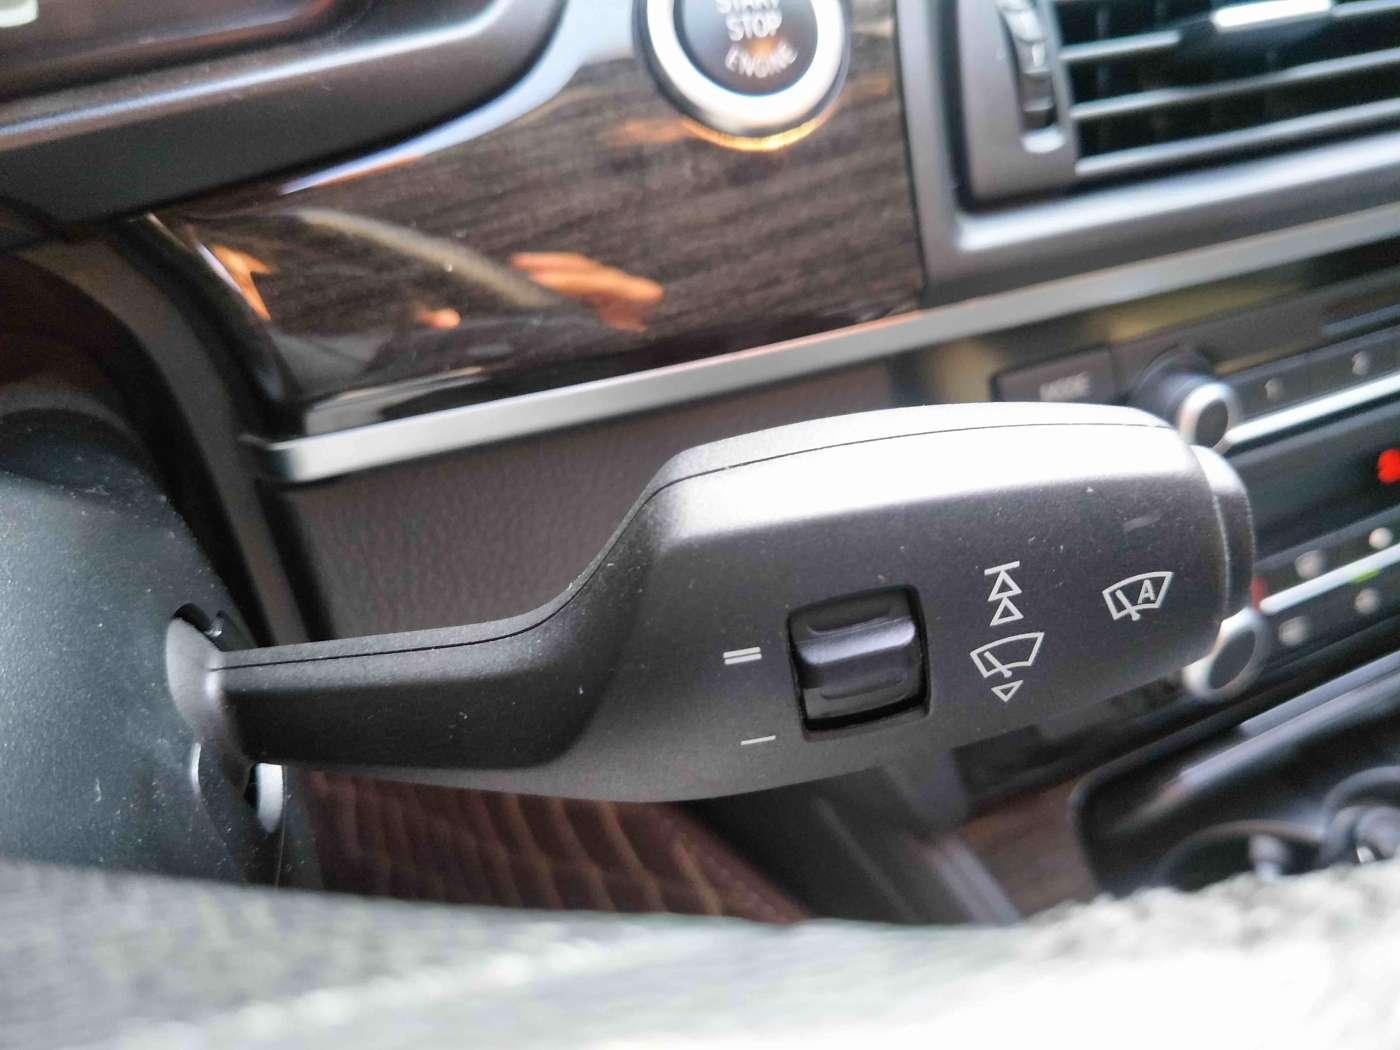 2012年05月 宝马5系 2012款 530Li 豪华型|甄选宝马-北京卡斯基汽车服务有限公司